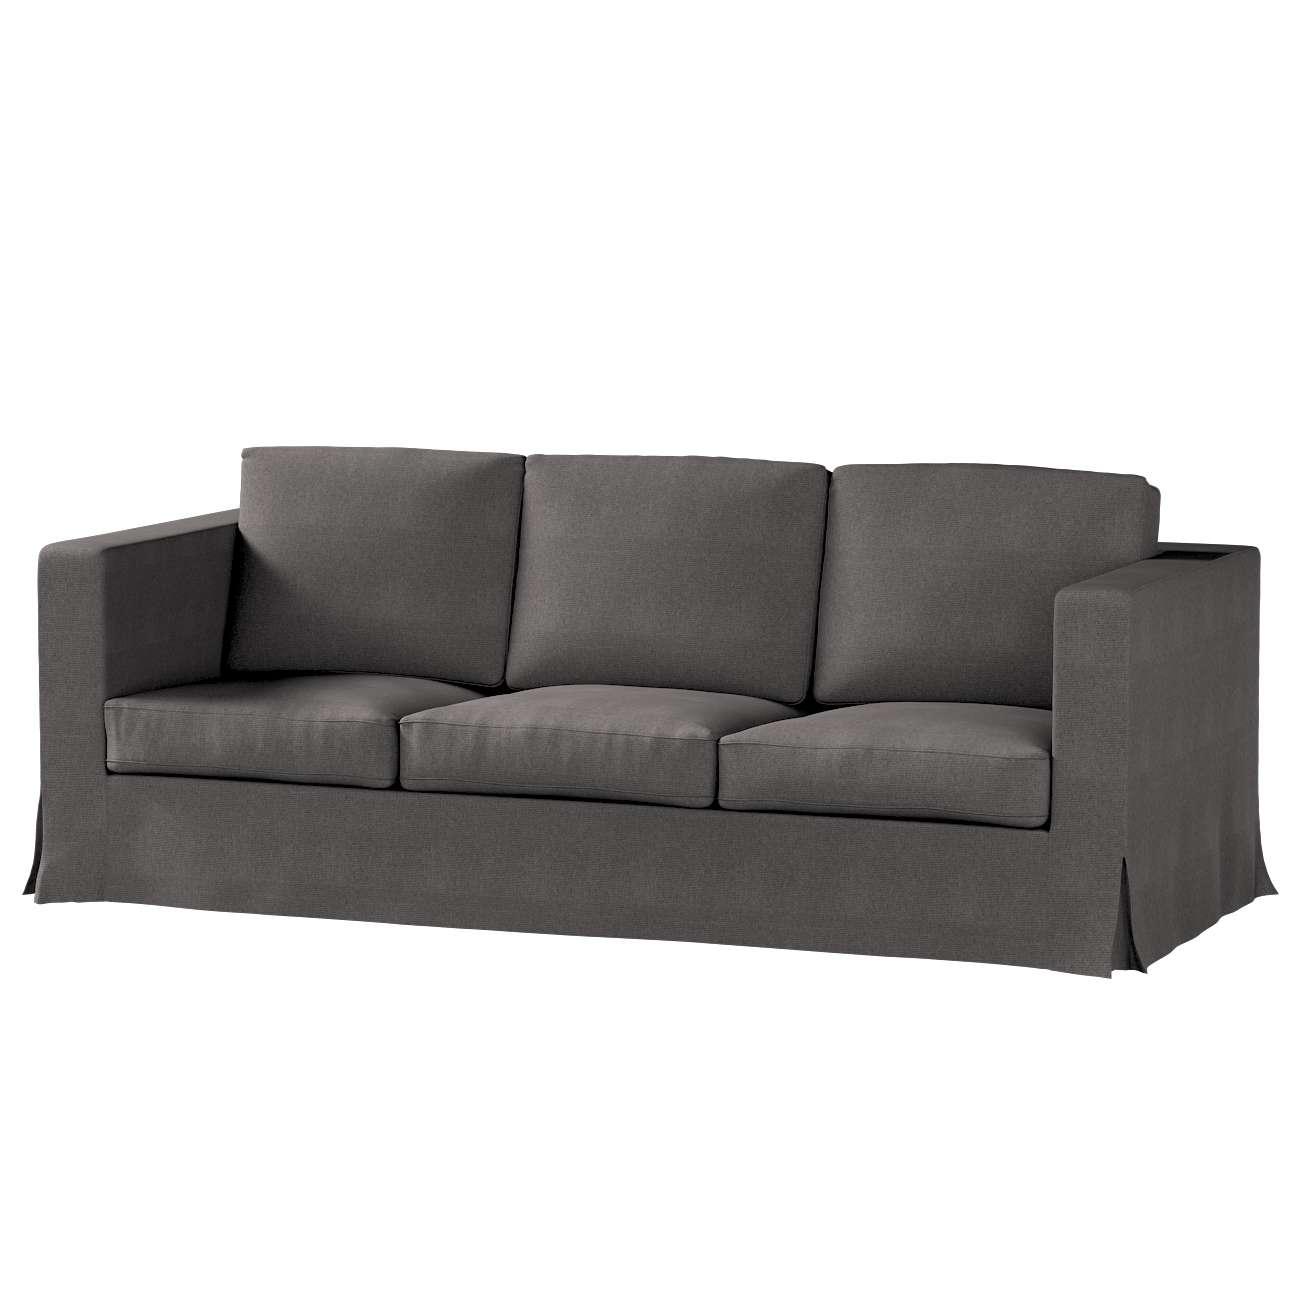 Potah na pohovku IKEA  Karlanda 3-místná nerozkládací, dlouhý pohovka Karlanda 3-os v kolekci Etna, látka: 705-35